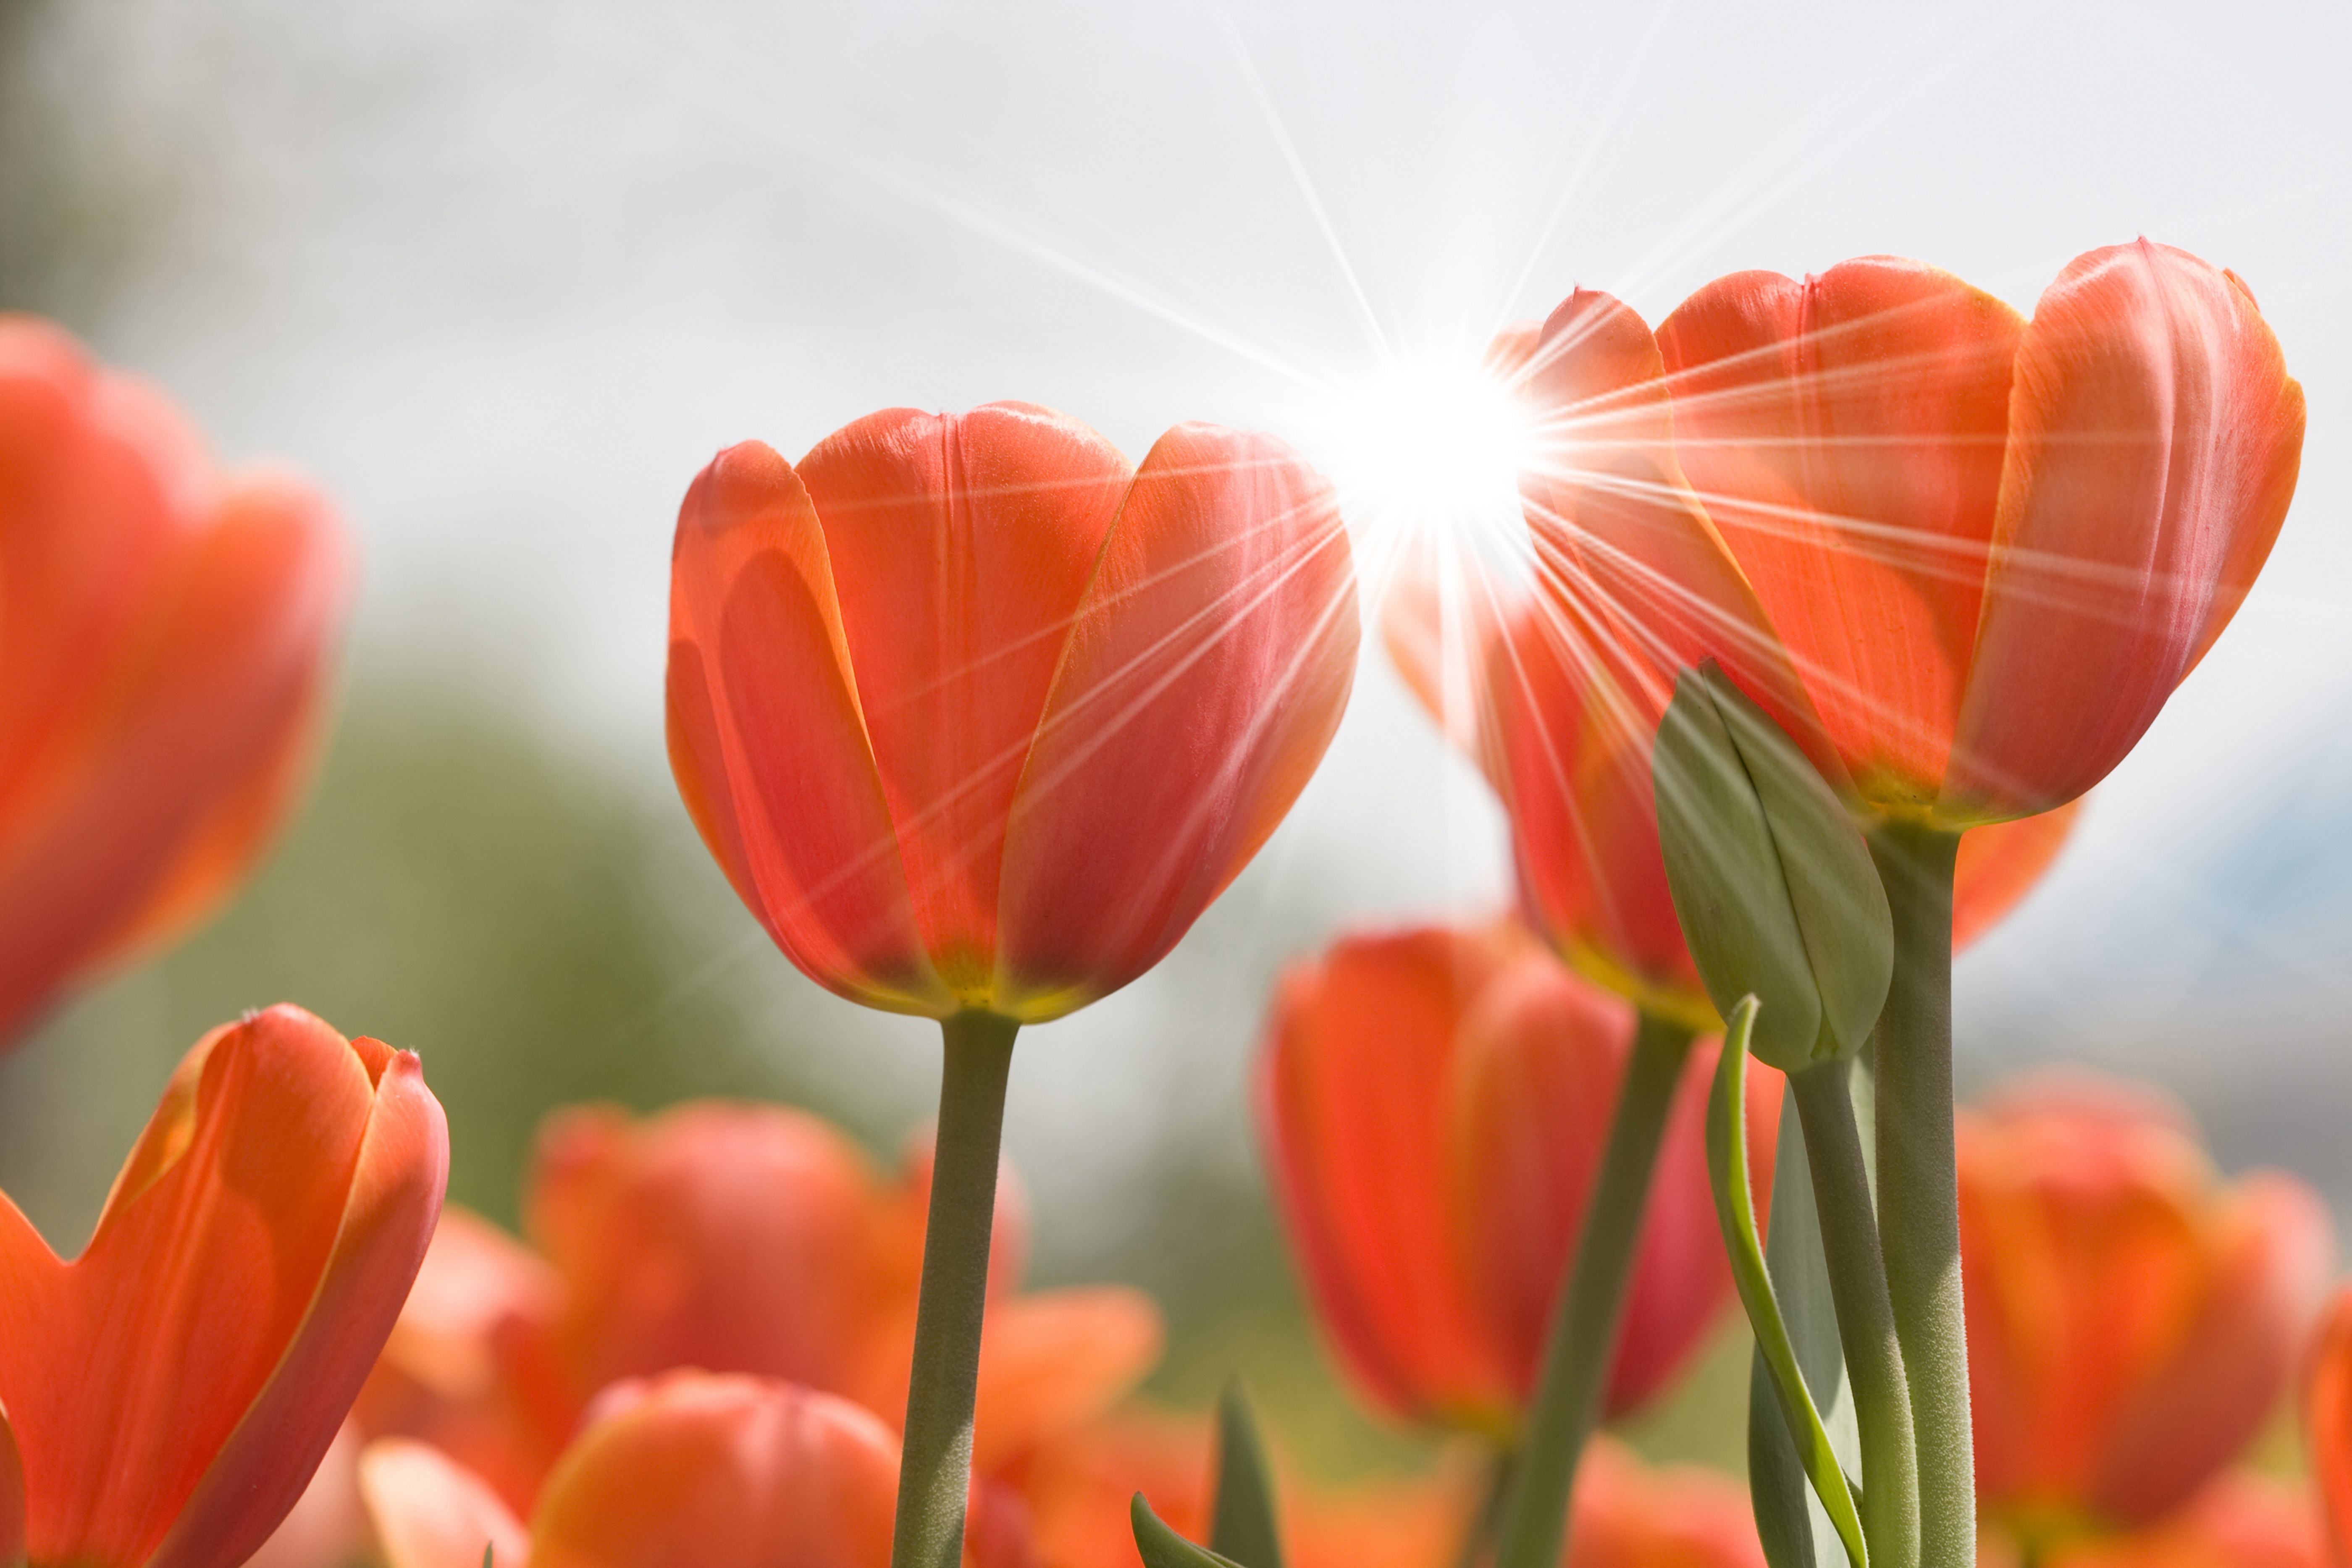 большей красивые картинки яркие солнечные весна городского голубя горлица